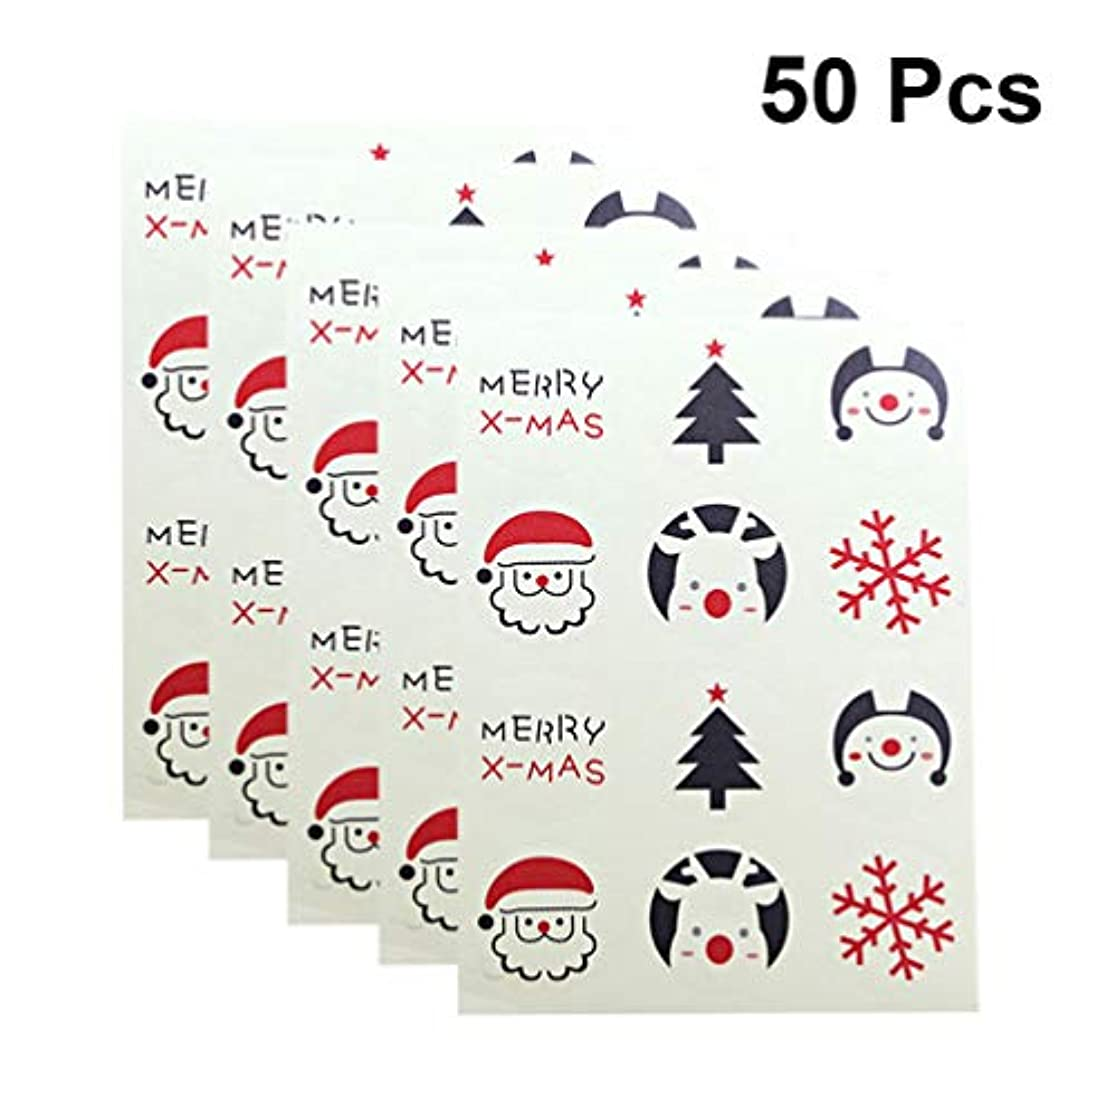 月曜日造船ランタンHealifty クリスマスシールステッカーサンタ装飾シールステッカー粘着封筒シールラベルデカール用装飾50枚